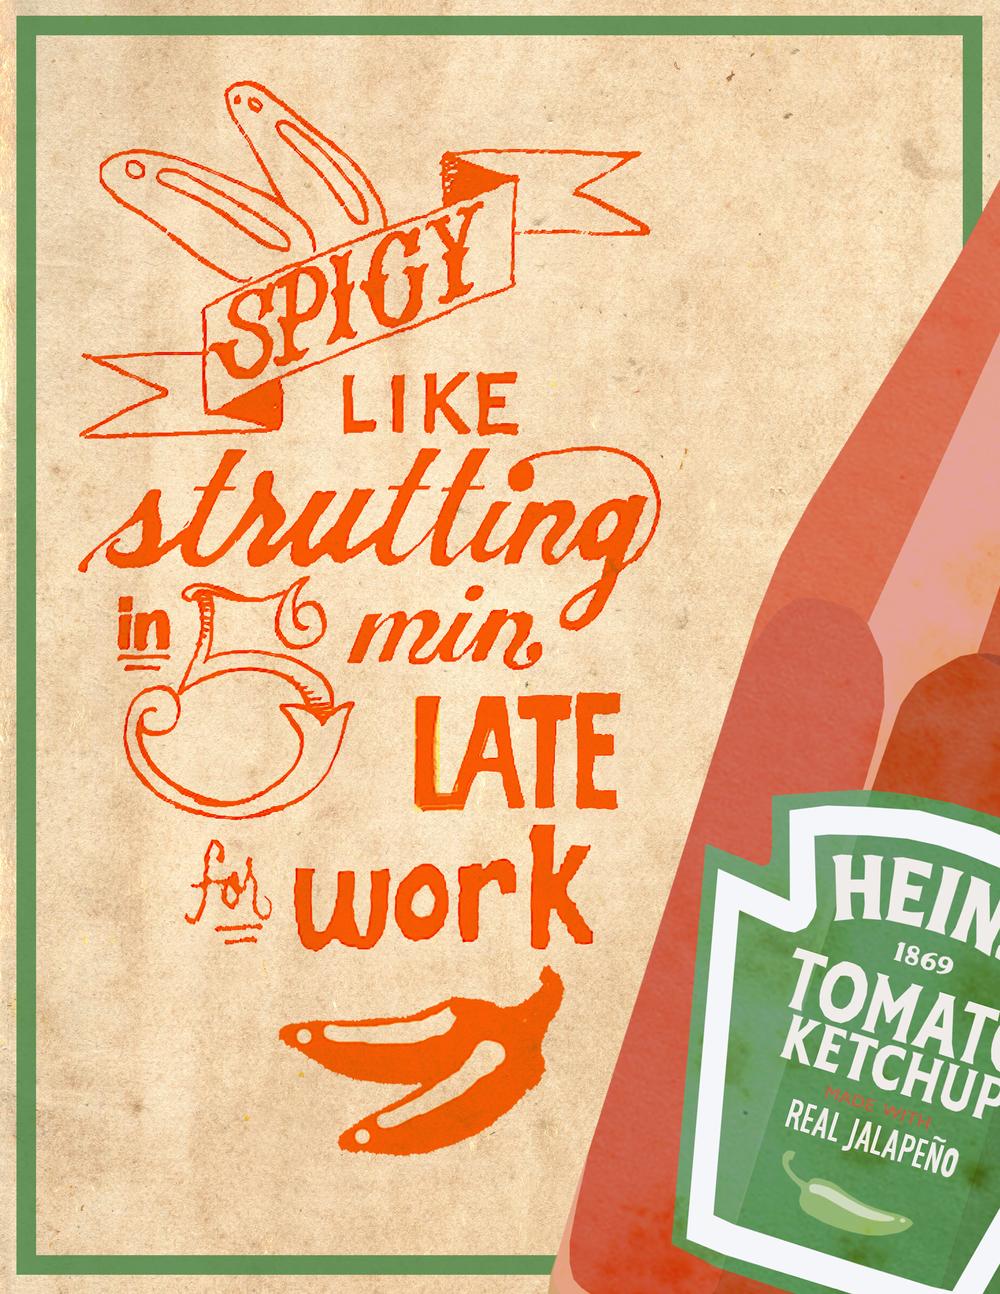 Heinz2.jpg